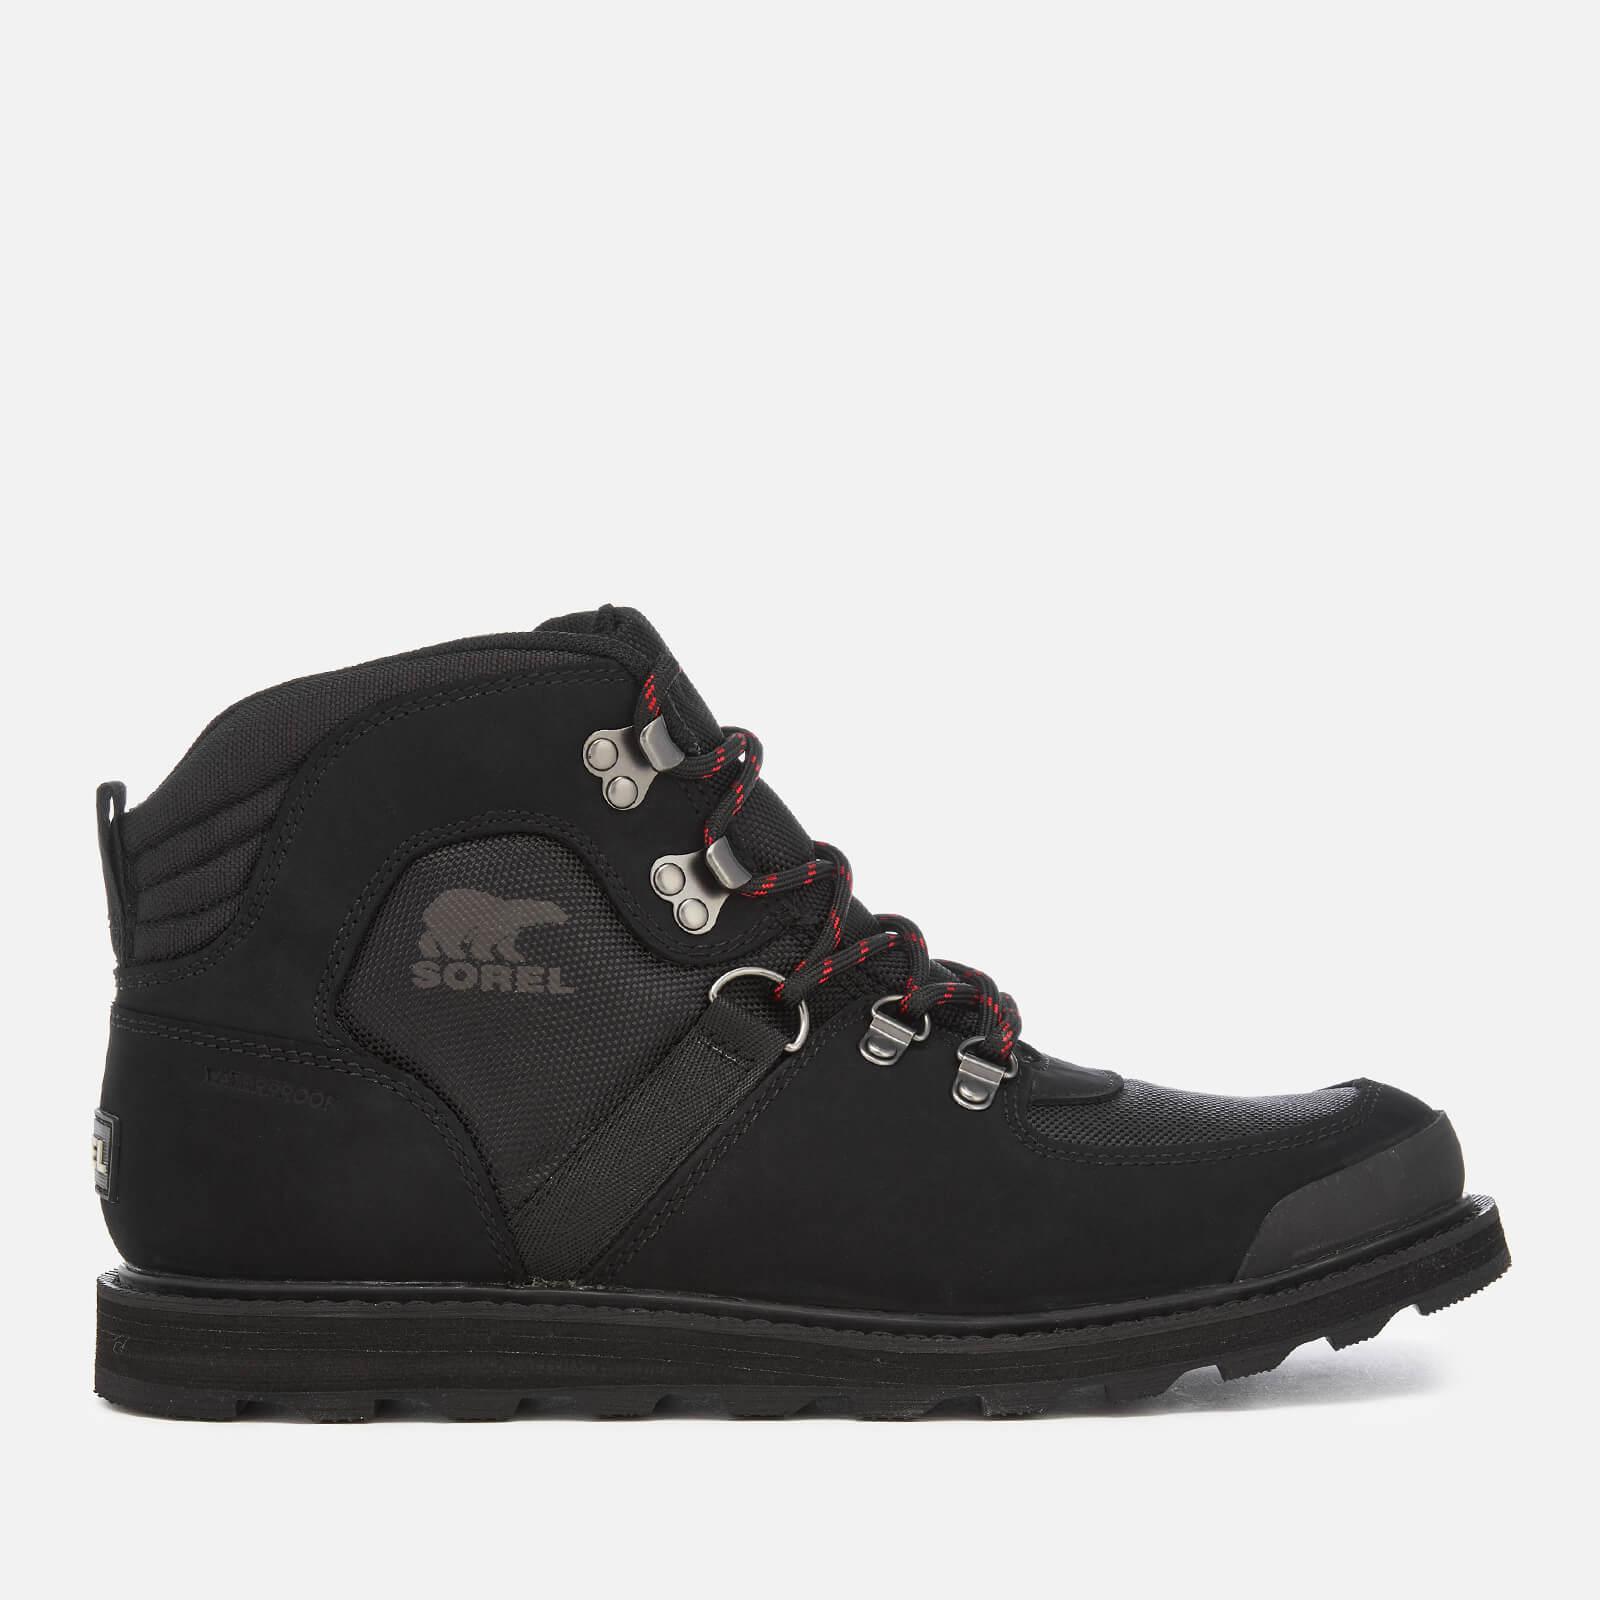 Sorel Men's Madson Sport Hiker Style Boots - Black - UK 8